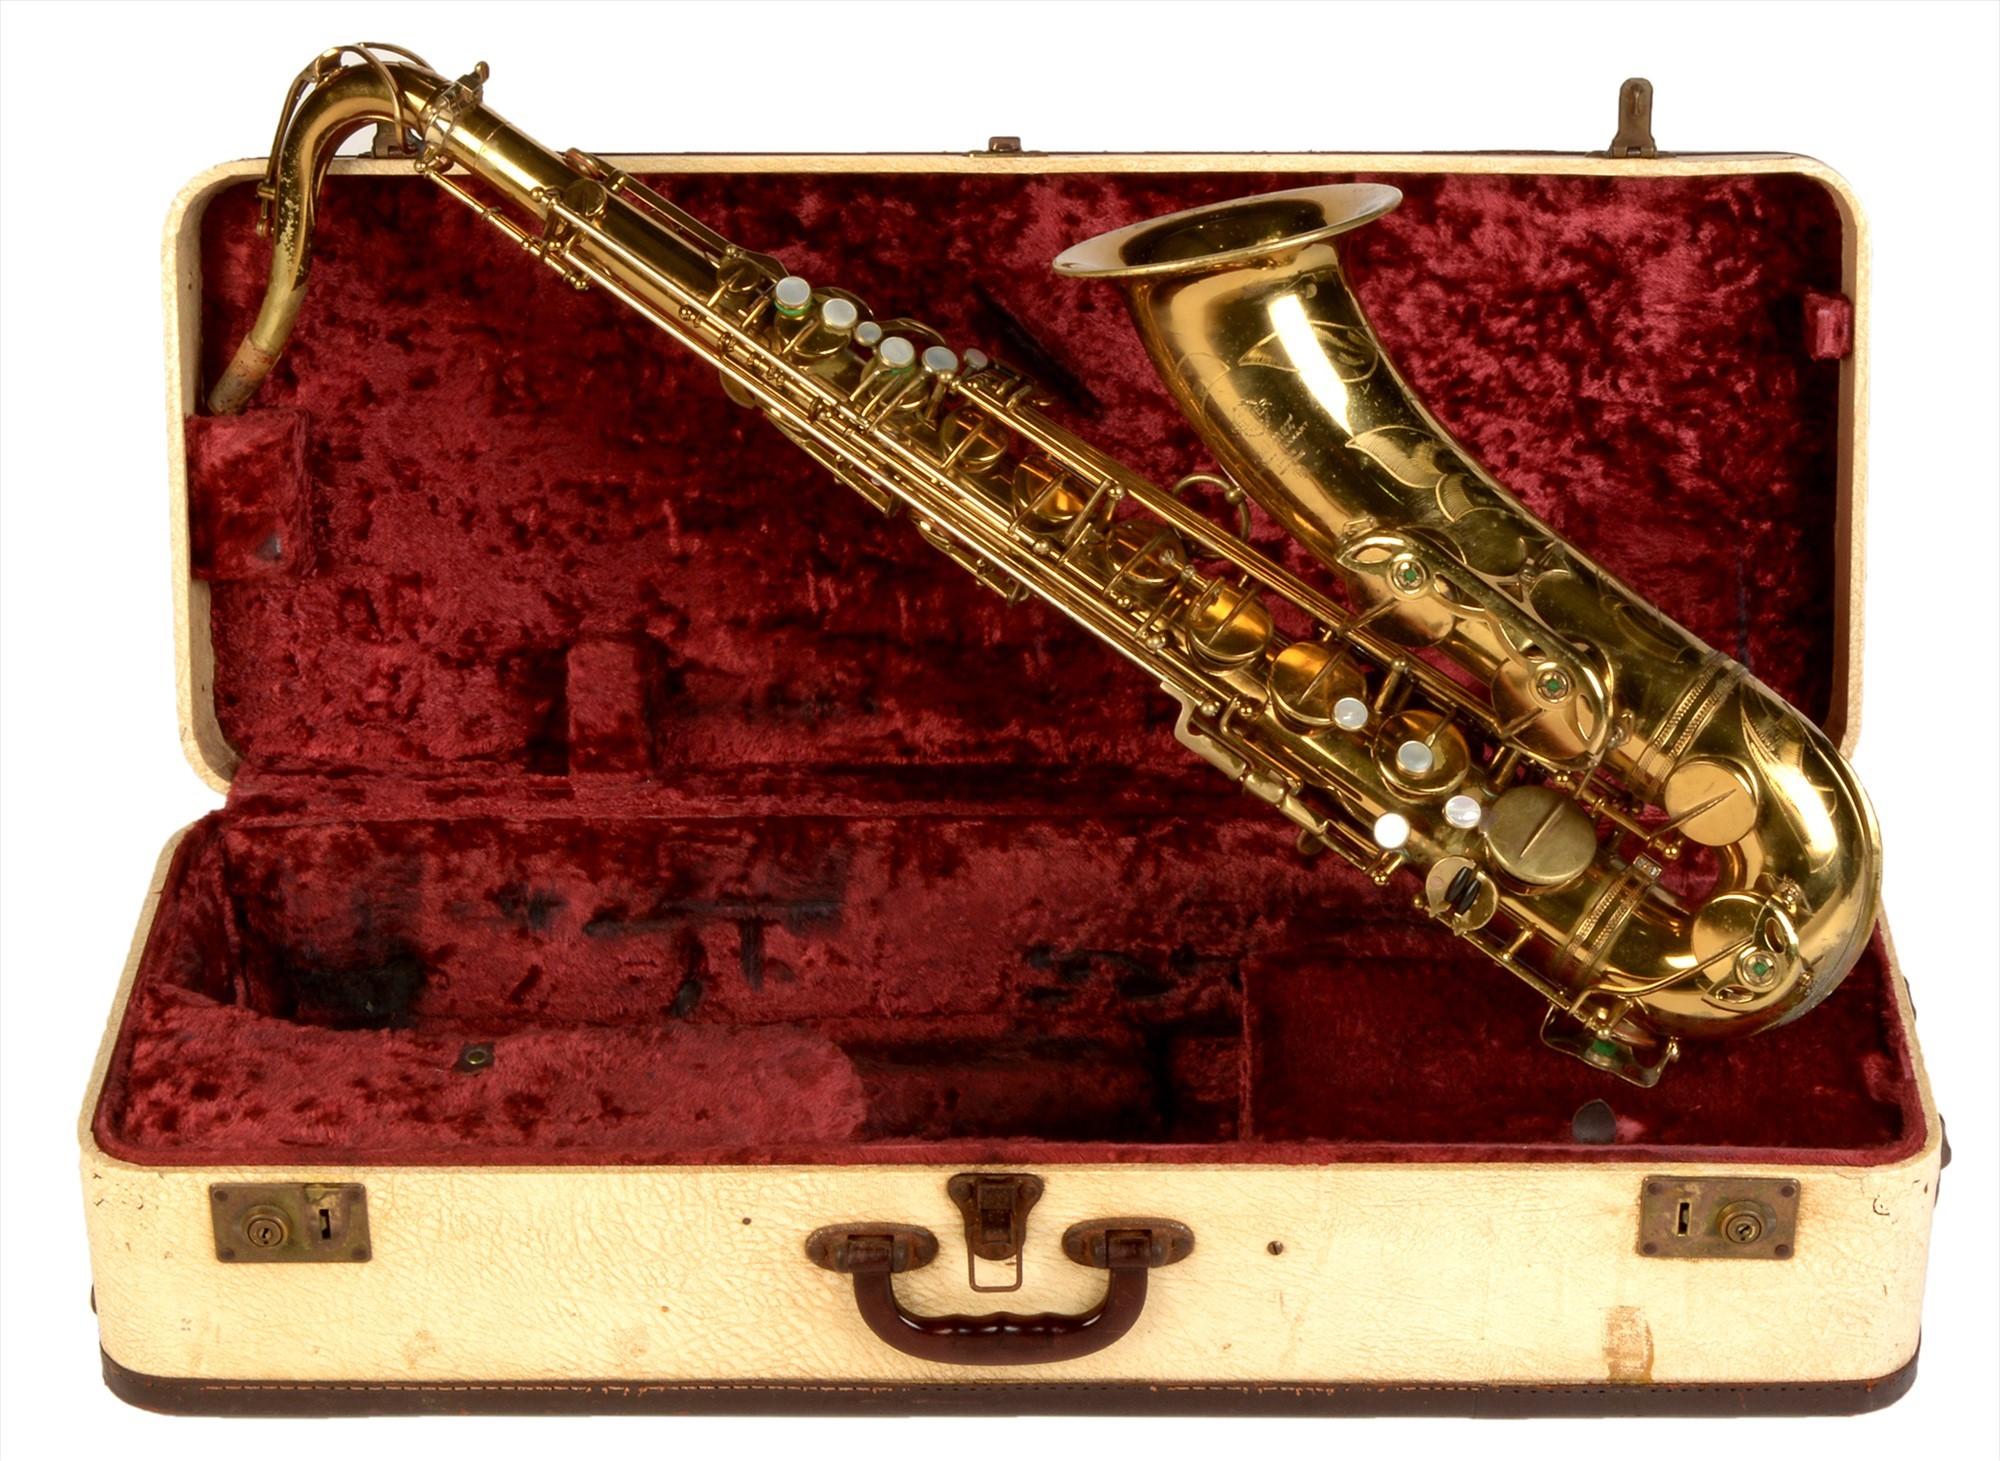 A 1962 Selmer VI tenor saxophone, with original lacquer